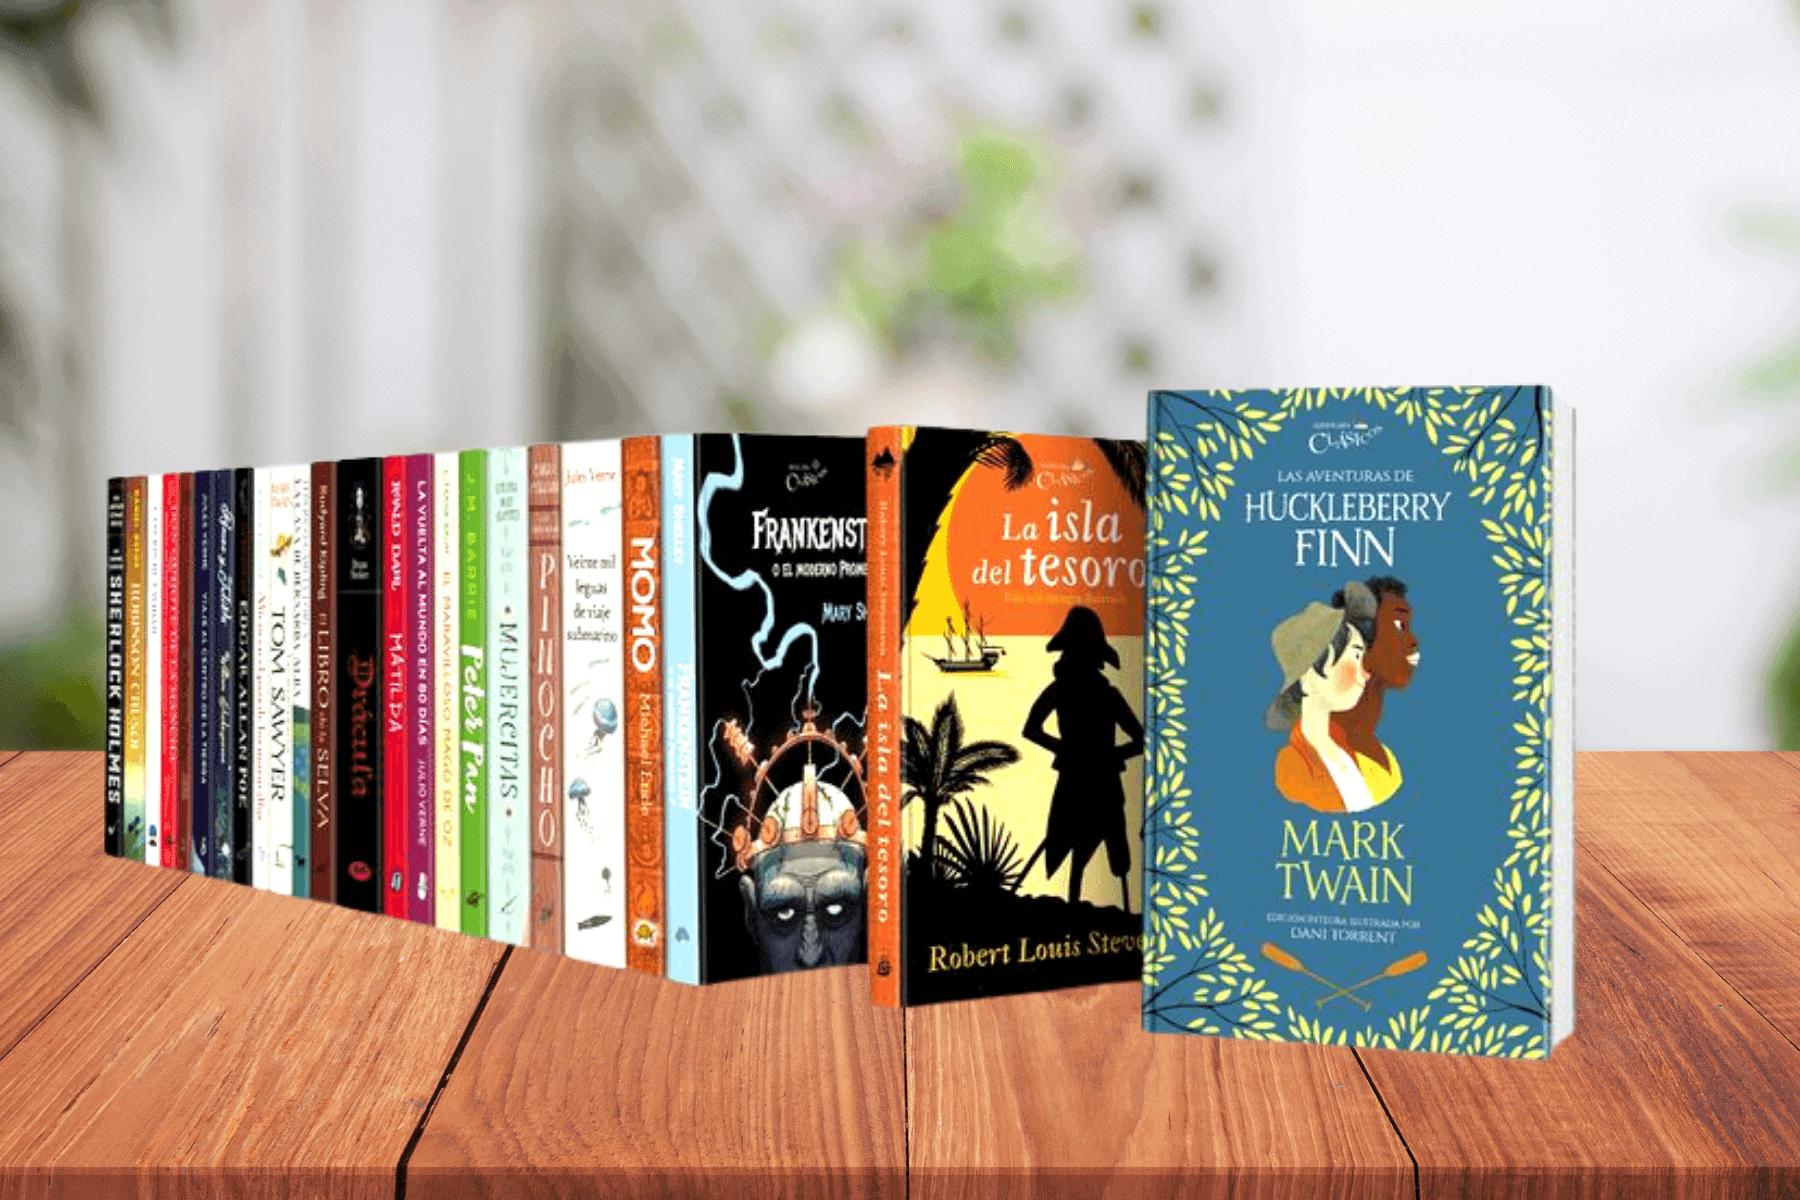 coleccion-clasicos-alfaguara-historias-ilustradas-para-jovenes-lectores.png